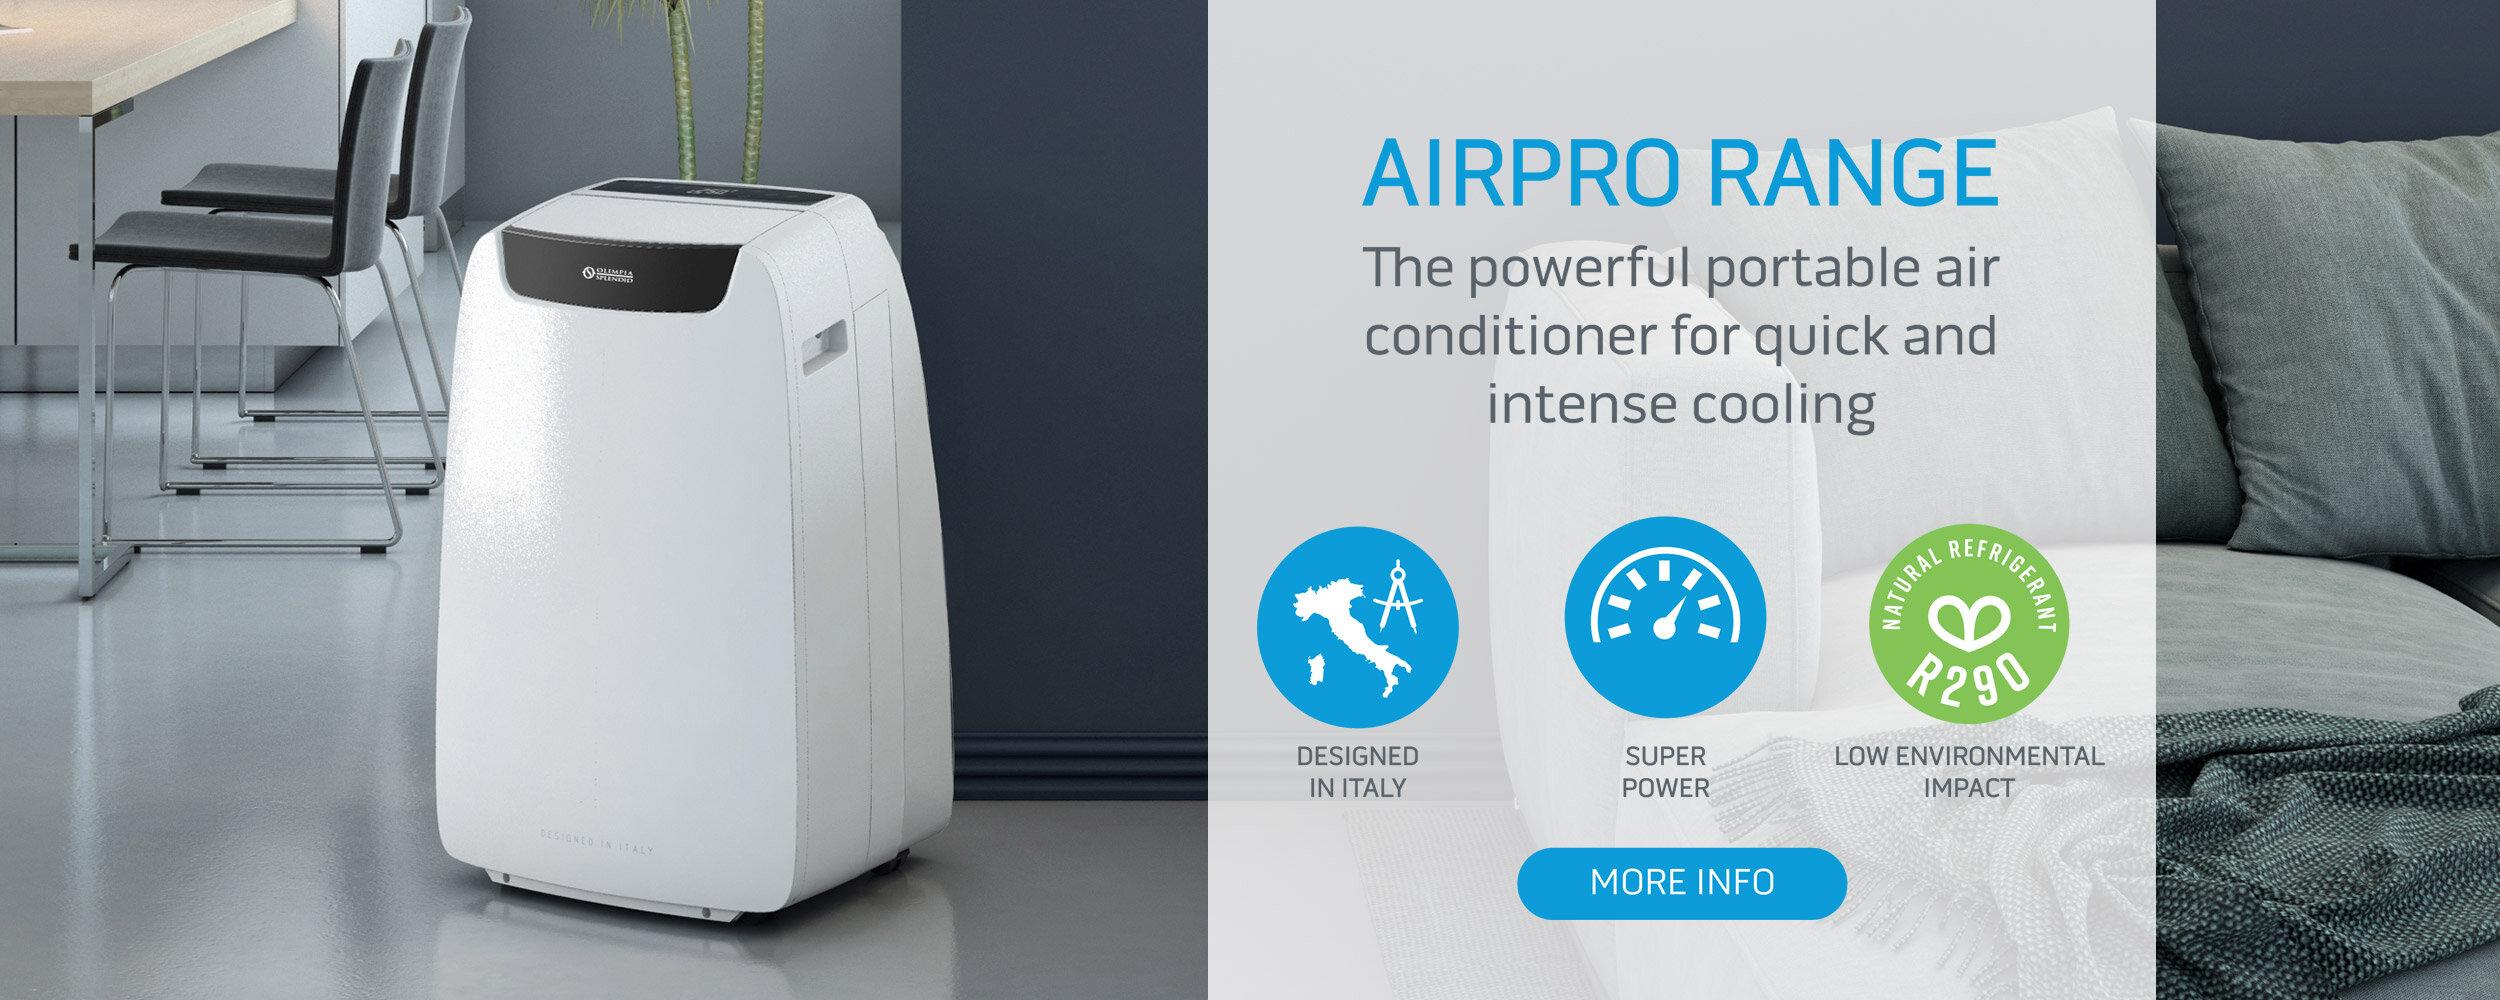 Airpro.jpg